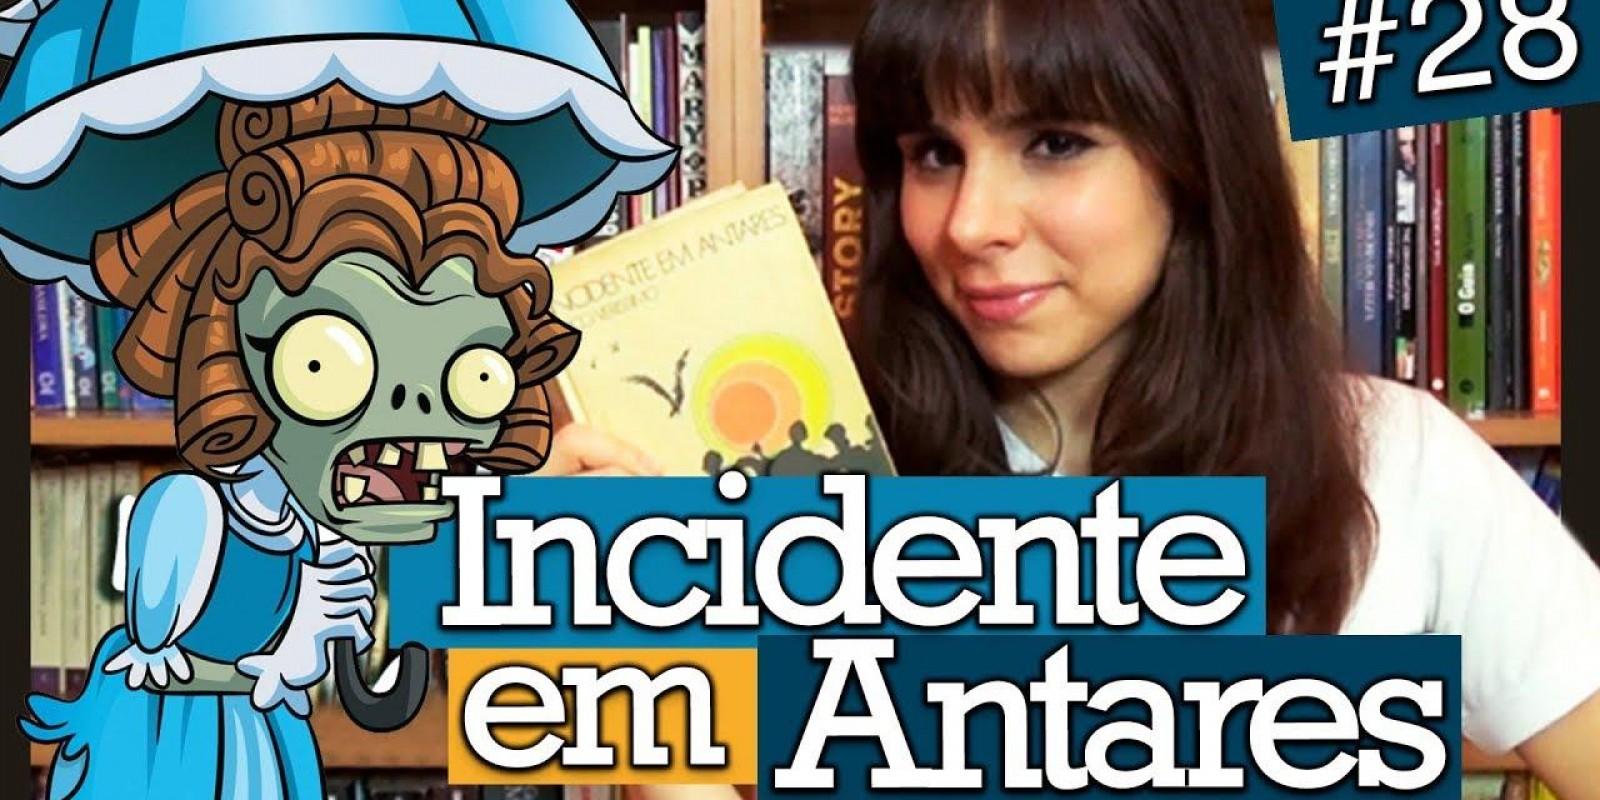 INCIDENTE EM ANTARES, DE ERICO VERISSIMO- LER ANTES DE MORRER